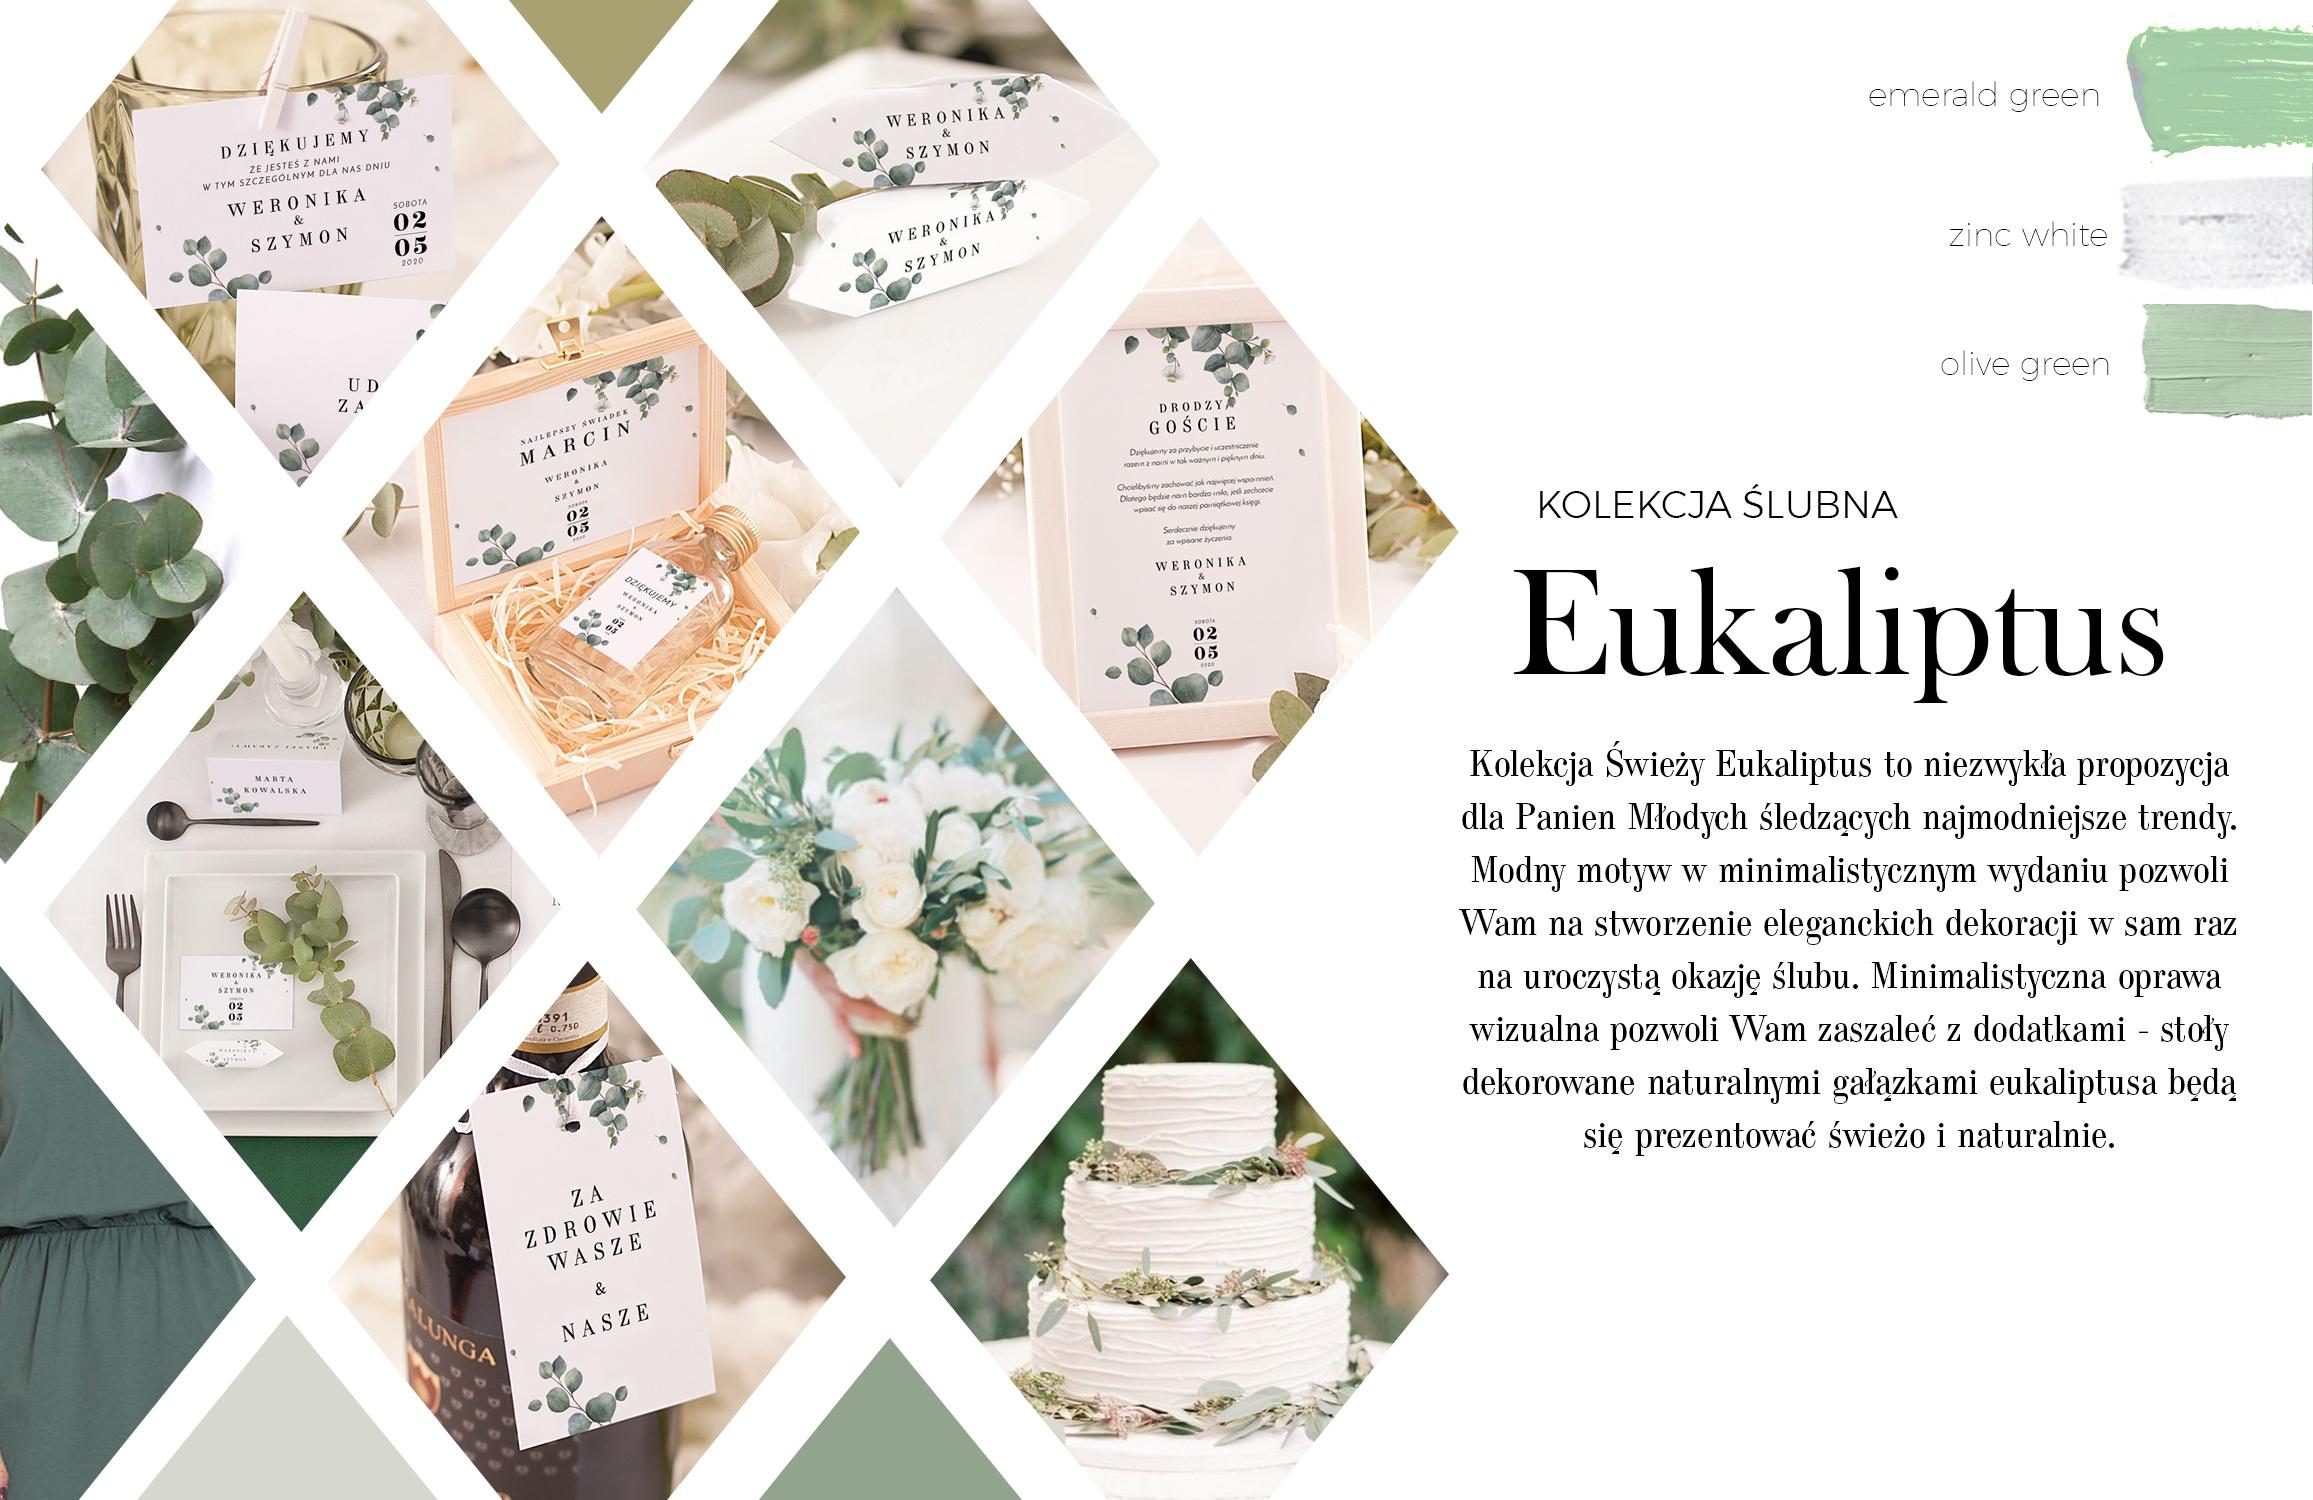 Zawieszki na wódkę weselną i podziękowania dla gości z grafiką pojedynczych gałązek eukaliptusa na białym tle.